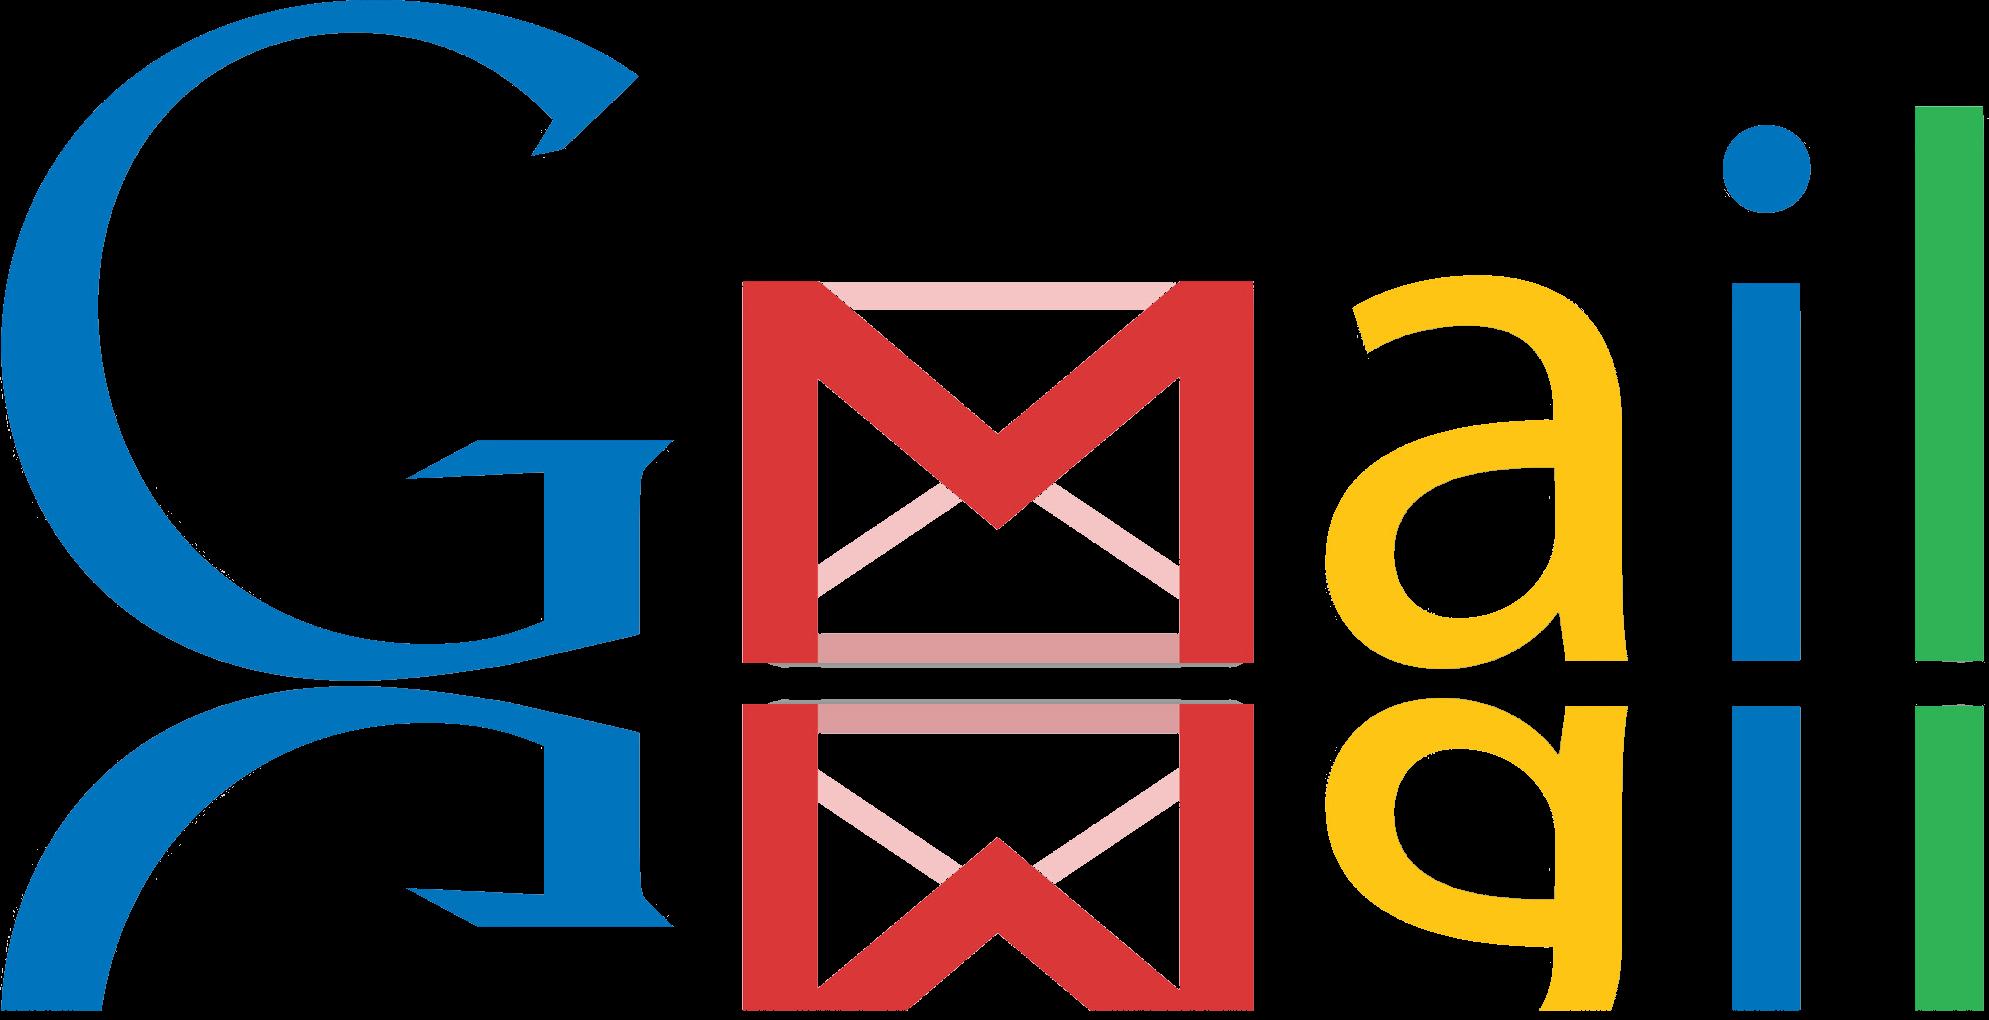 Gmail ahora le permite recibir archivos adjuntos de 50MB